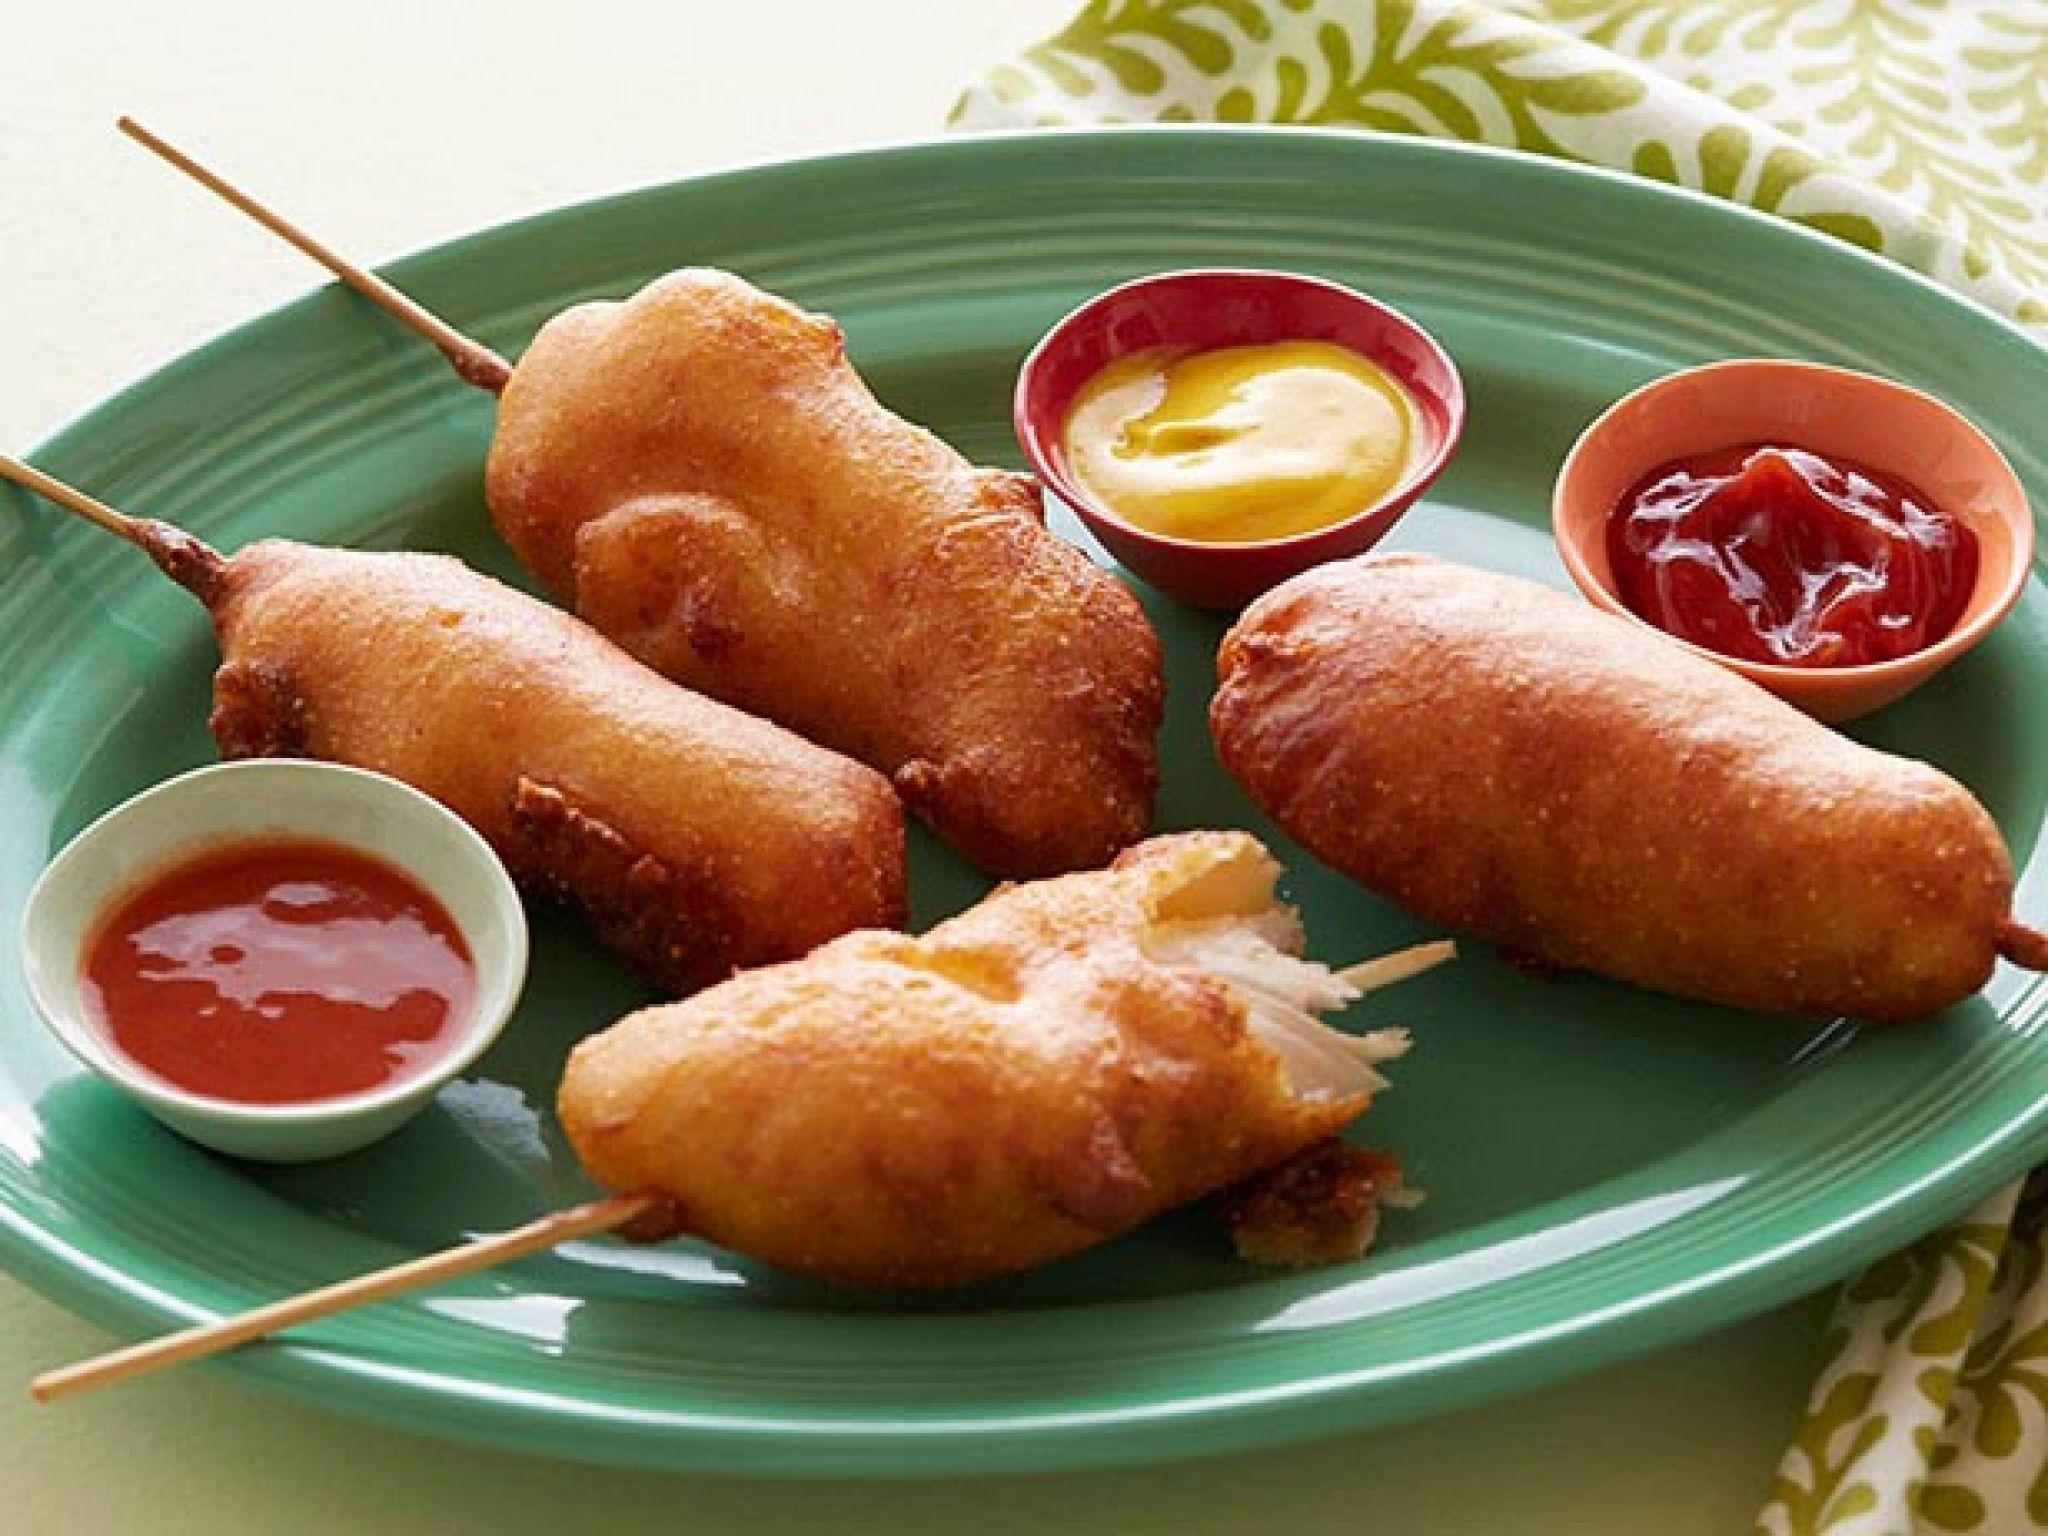 Fried chicken corn dogs receta carne cenas y lugares para visitar forumfinder Gallery